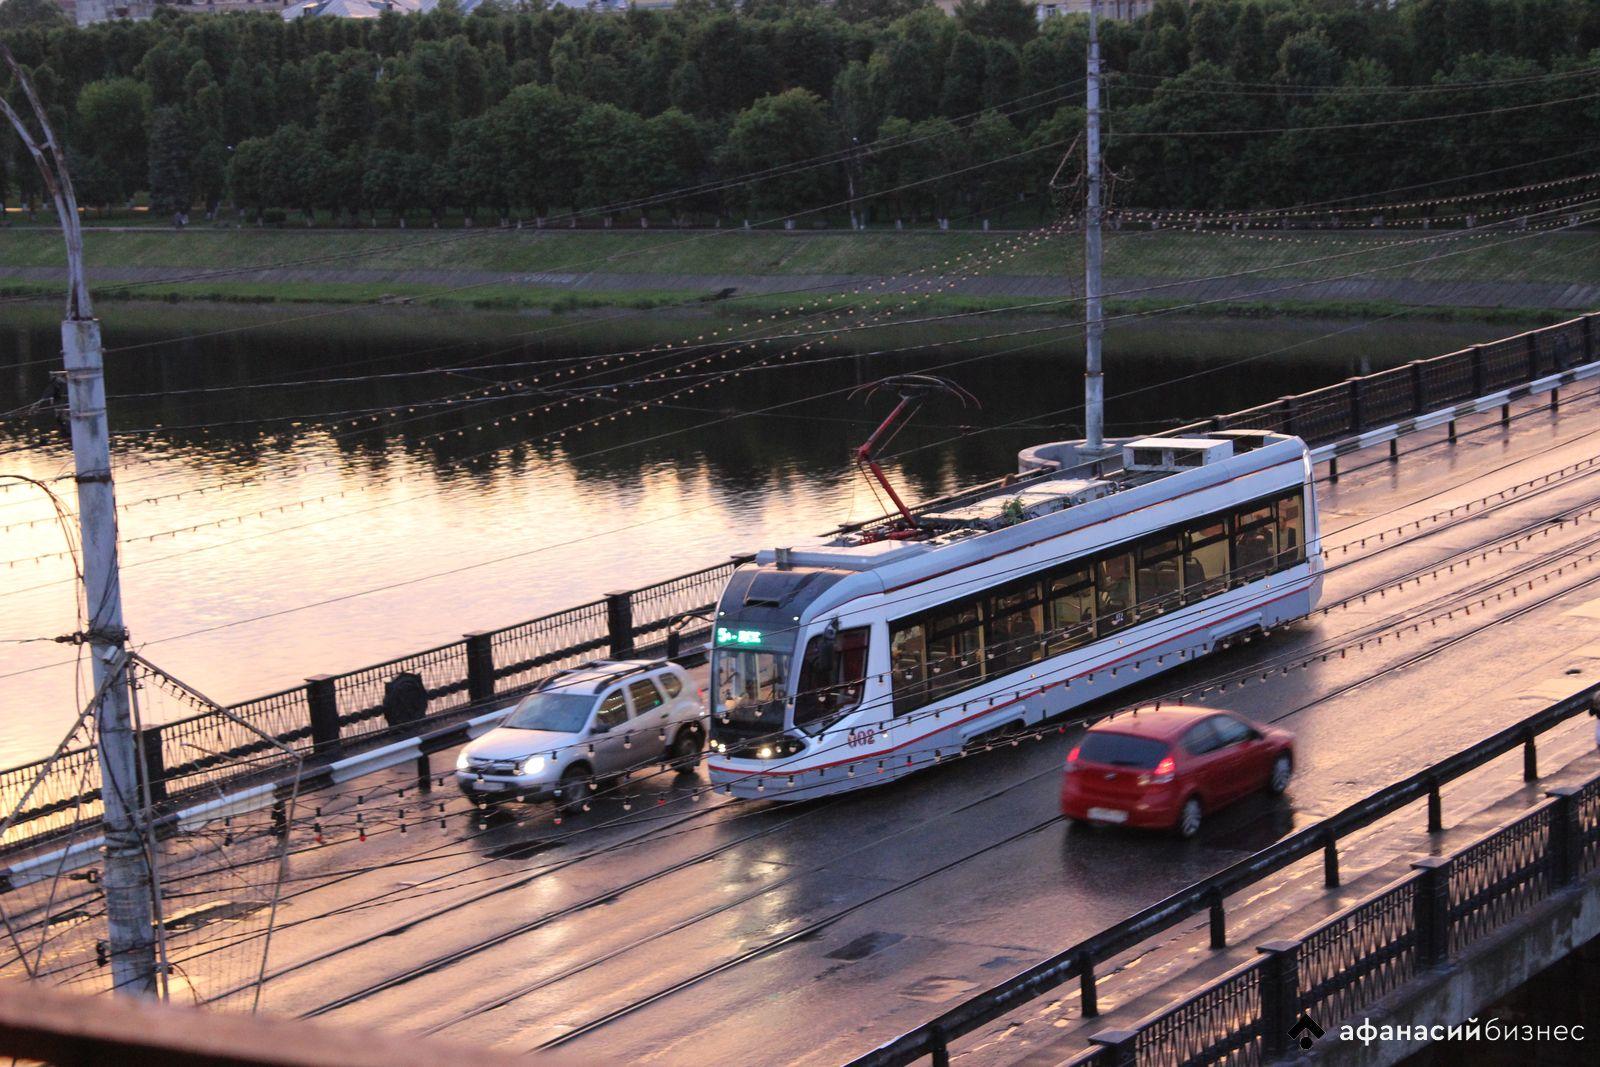 ВЭБ РФ заявил о намерении модернизировать трамвайную сеть в Твери - новости Афанасий